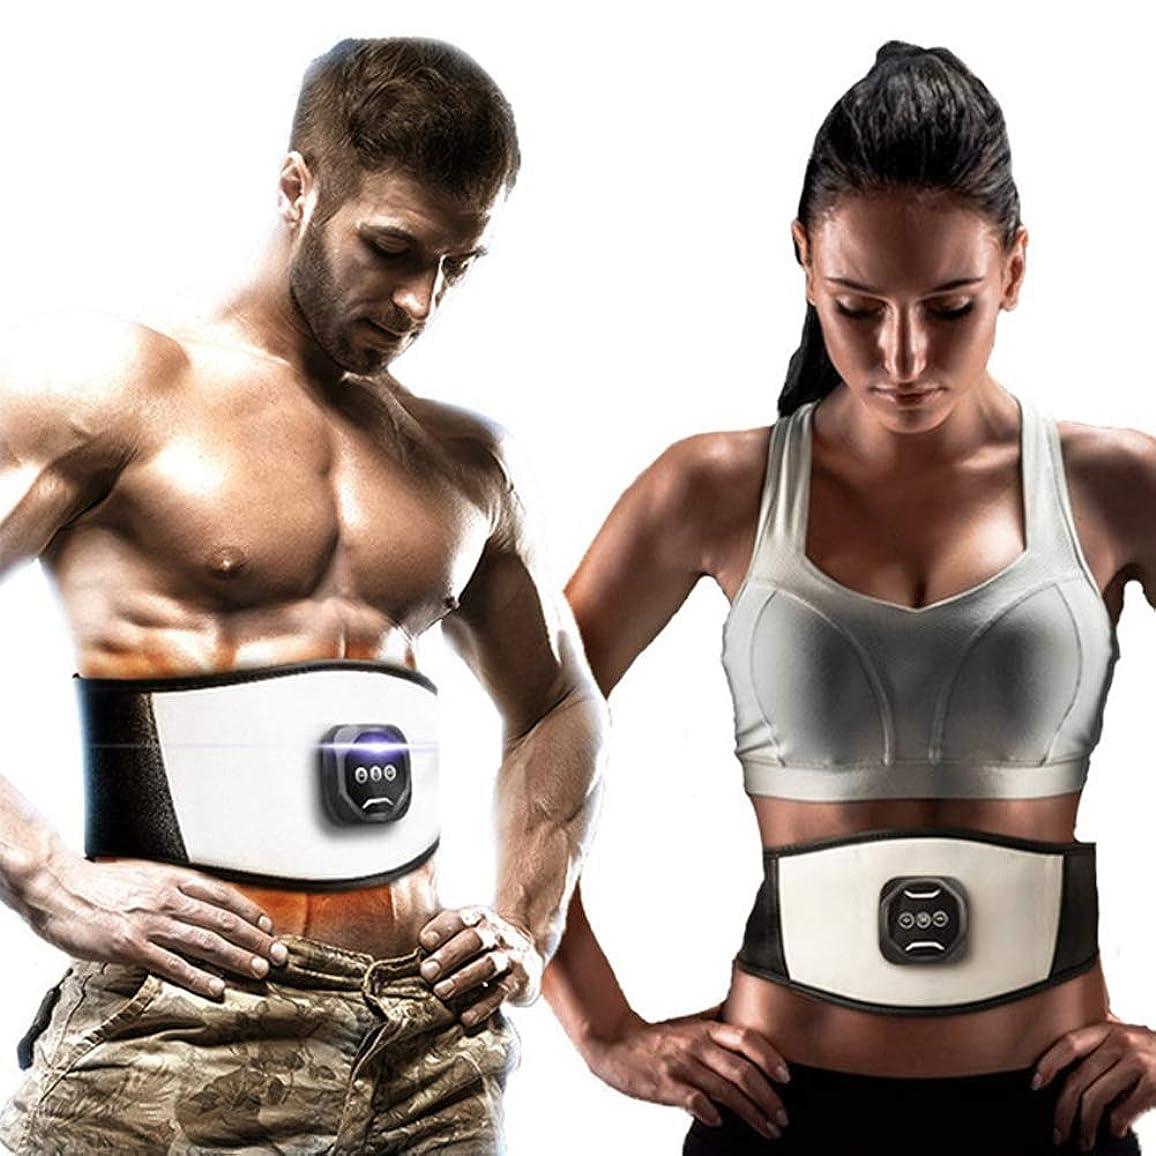 光電最終魅了するEms電気減量機器筋肉トレーニングフィットネス機器減量美容ウエスト整形マッサージベルト,白